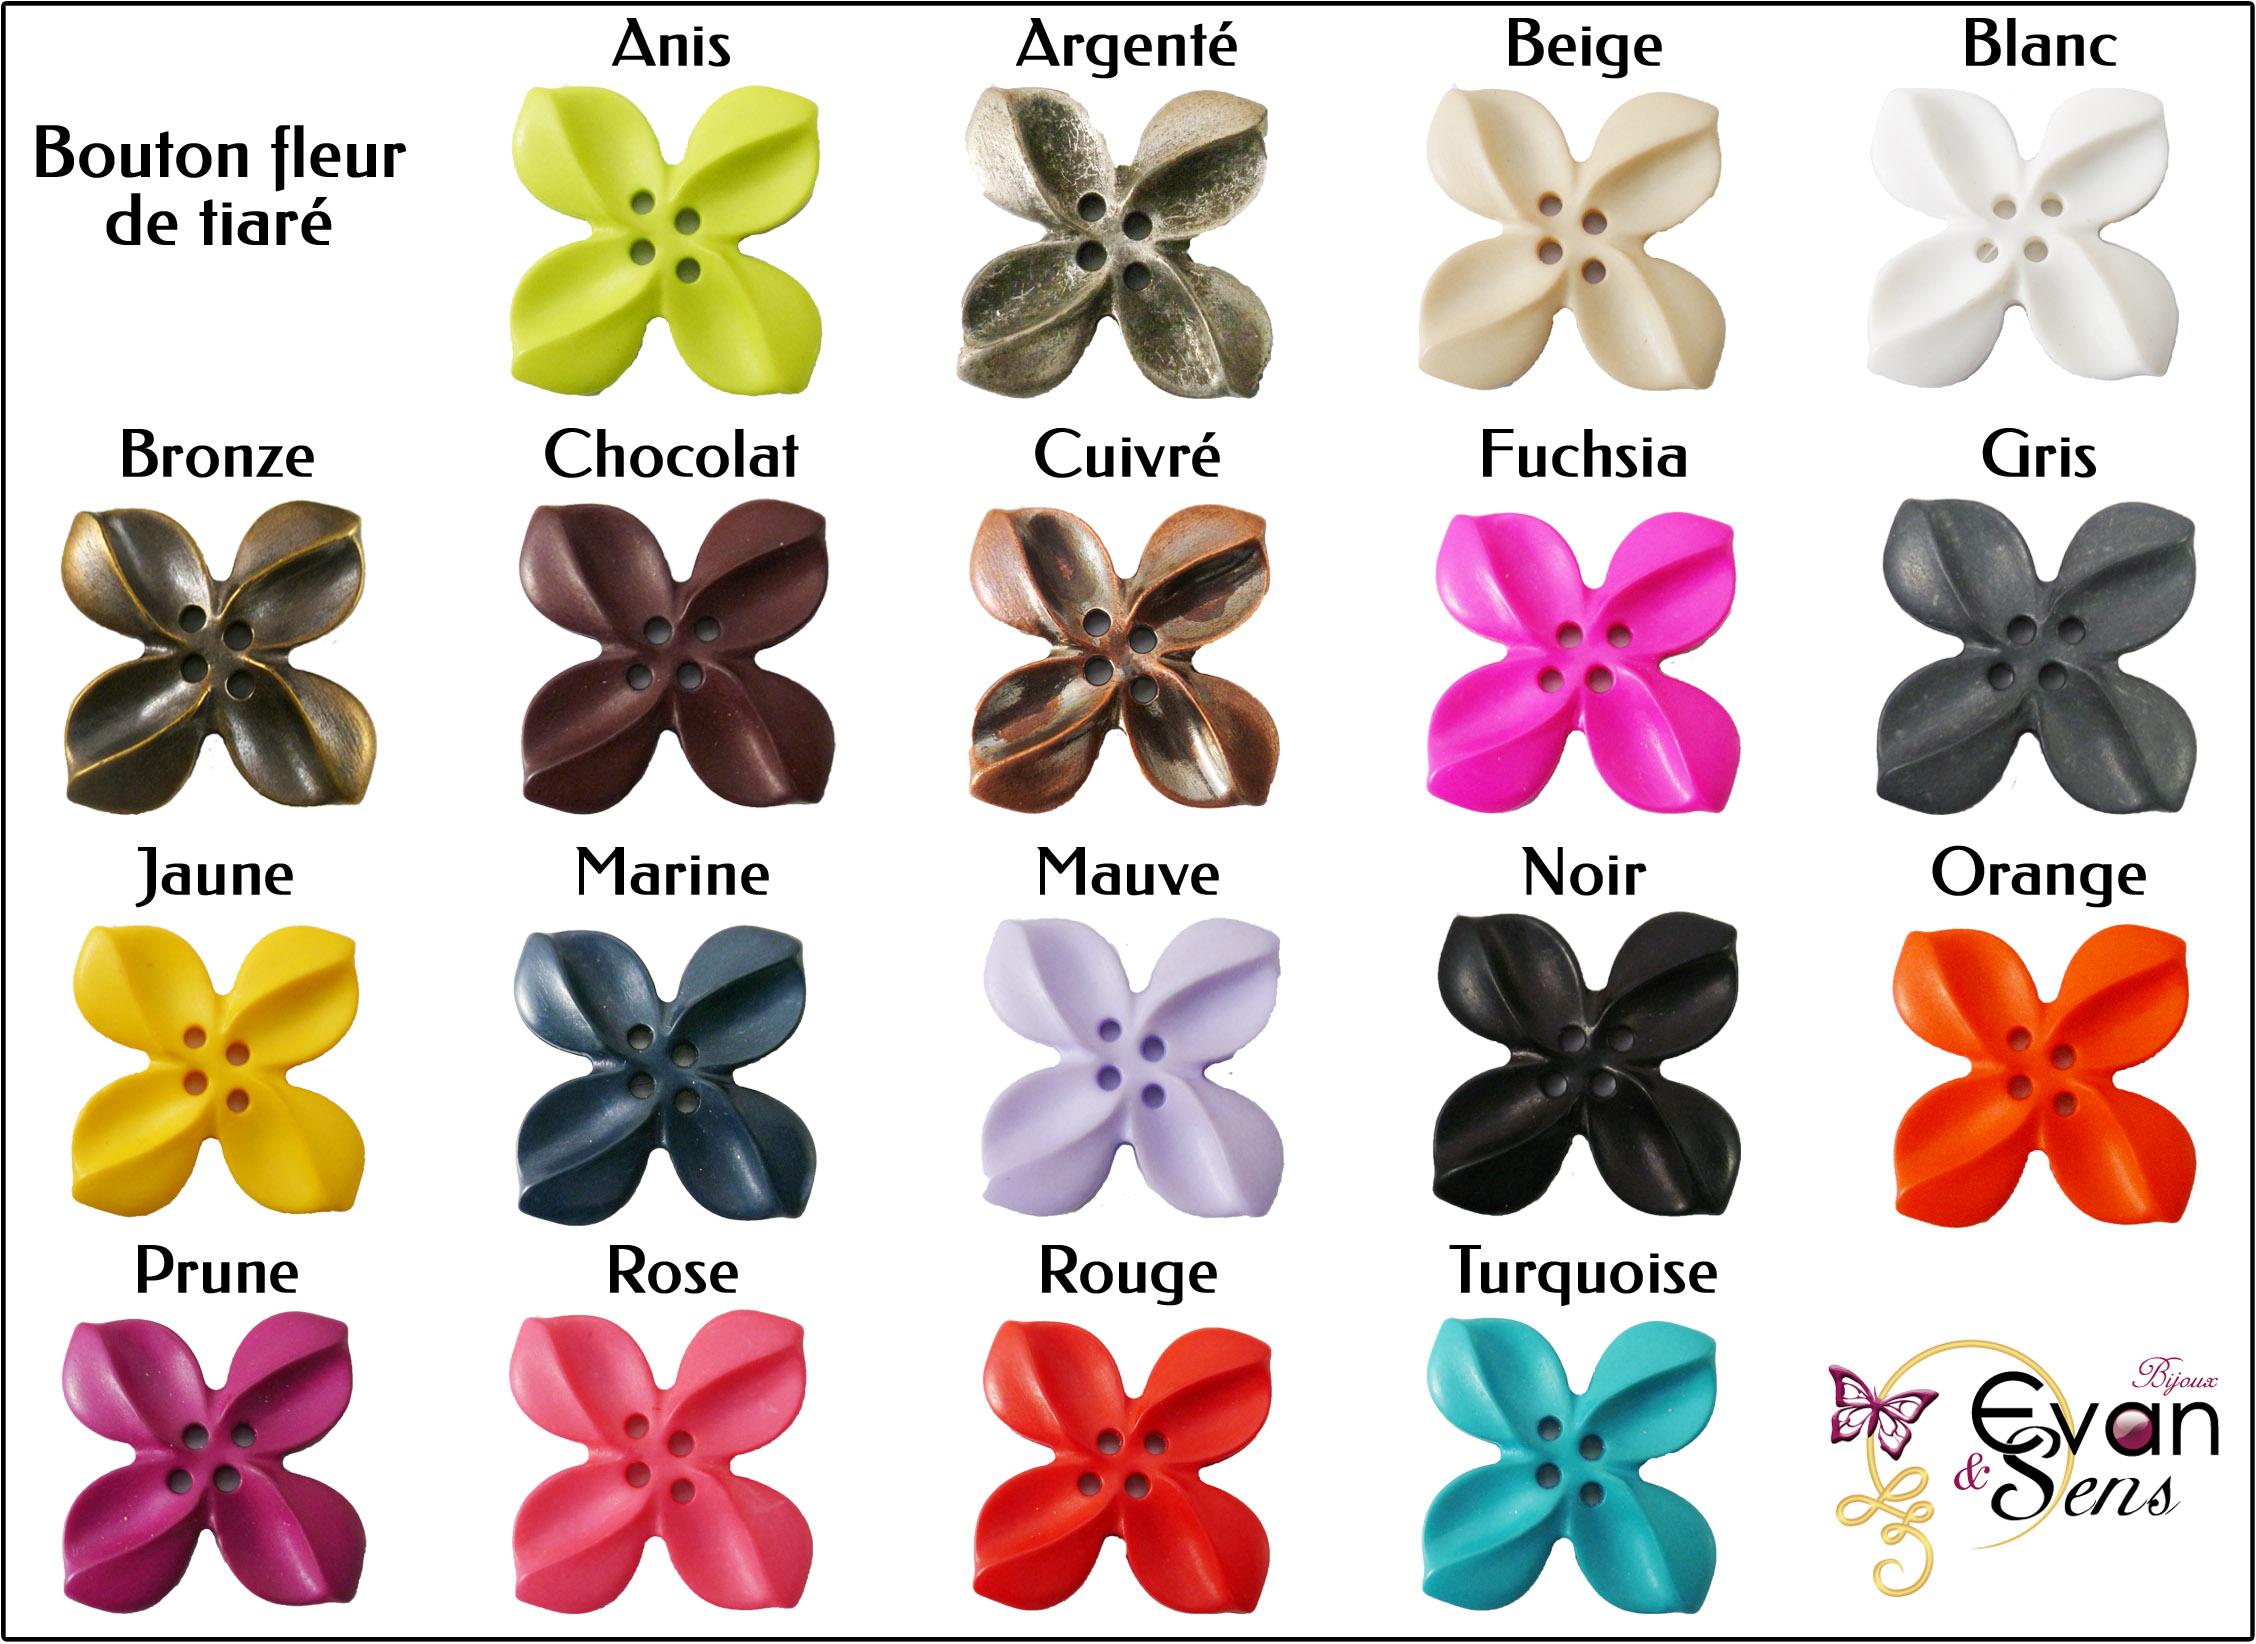 Plaquette de couleurs bouton fleur de tiaré